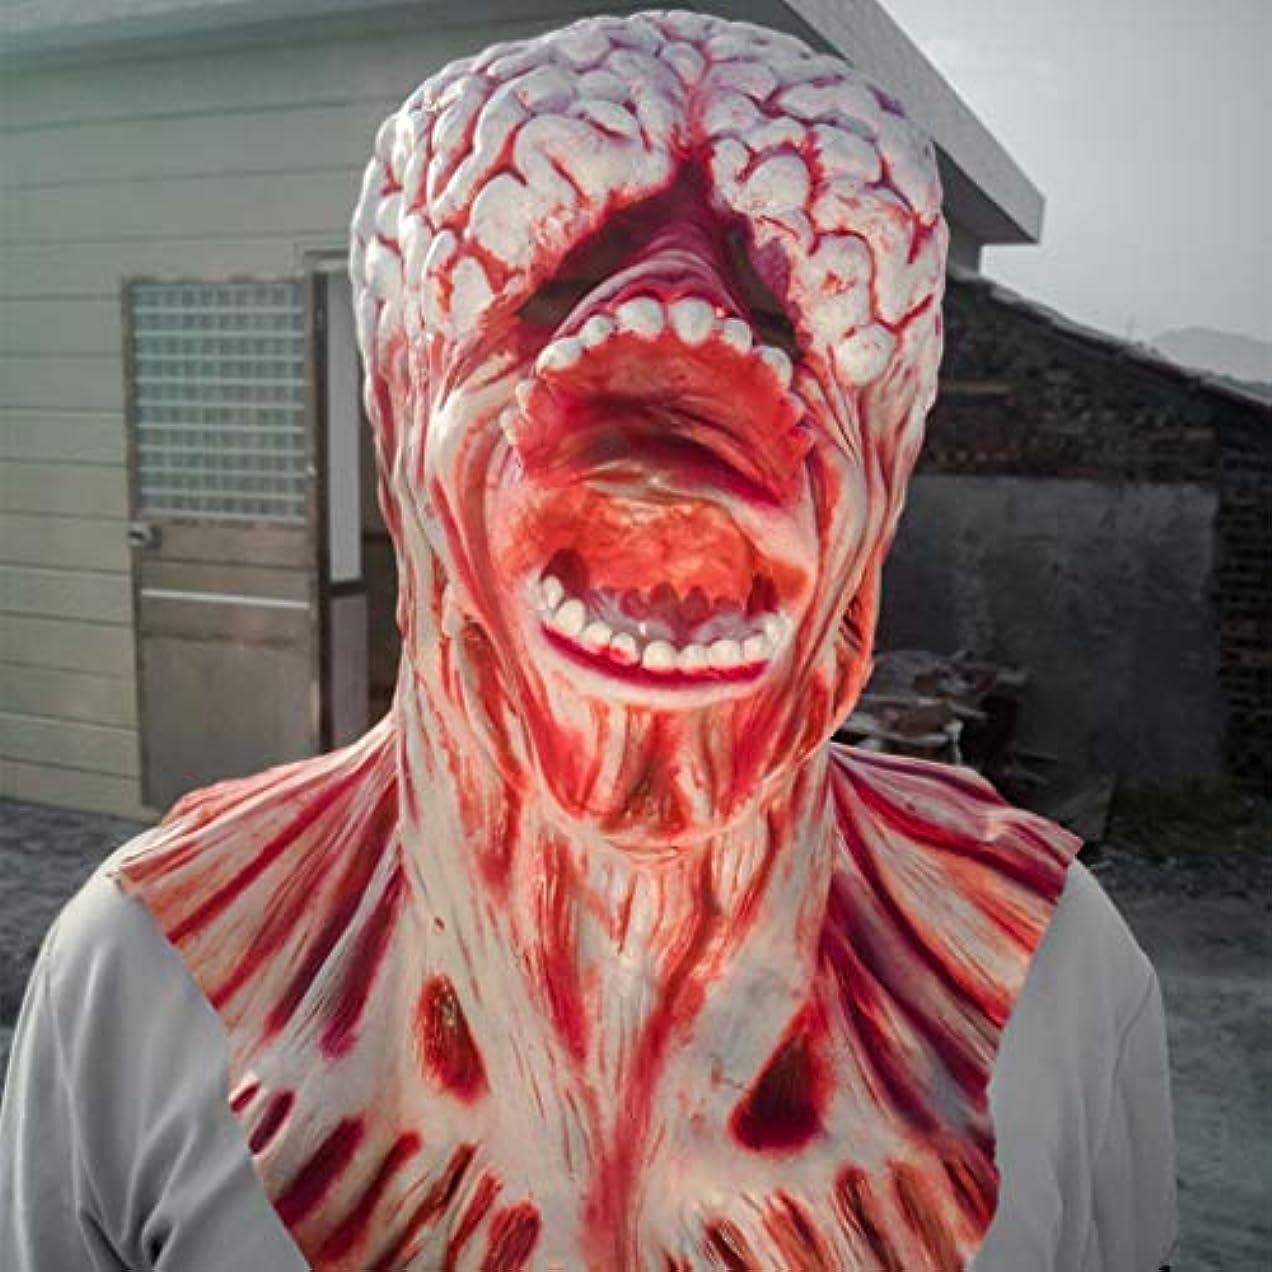 め言葉下に却下するハロウィン大人のラテックスホラーマスクしかめっ面マスクパーティーマスク怖い悪魔マスク映画小道具仮面舞踏会マスク